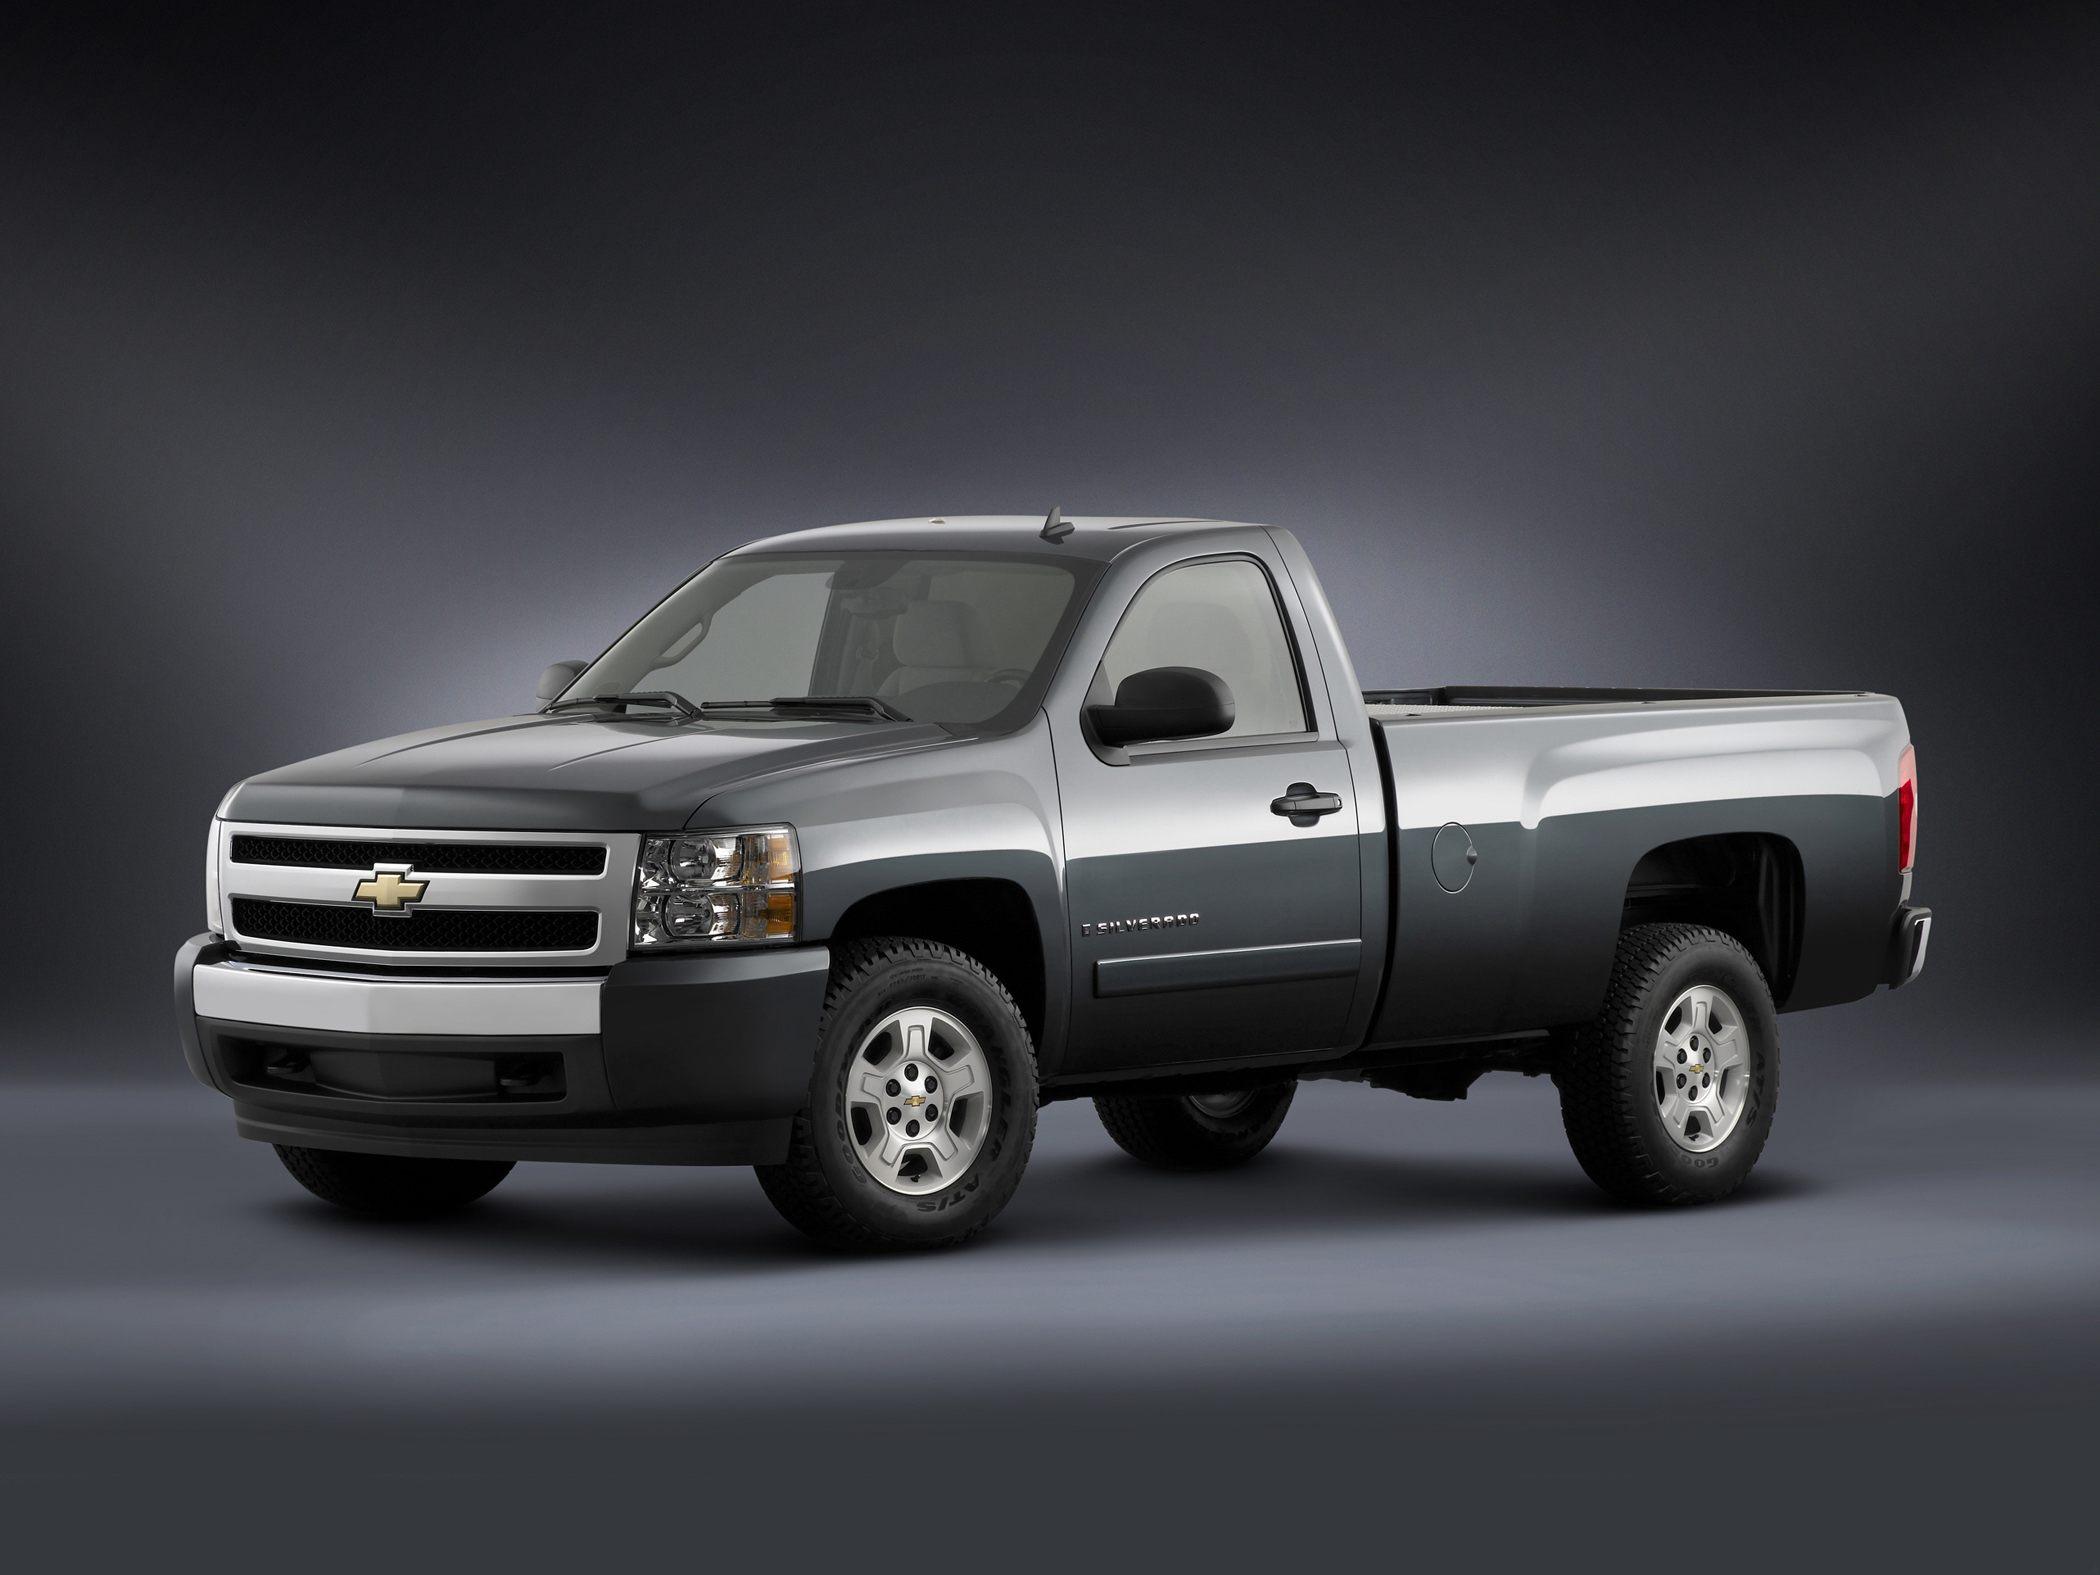 2012 Chevrolet Silverado 1500 #5 Chevrolet Silverado 1500 #5